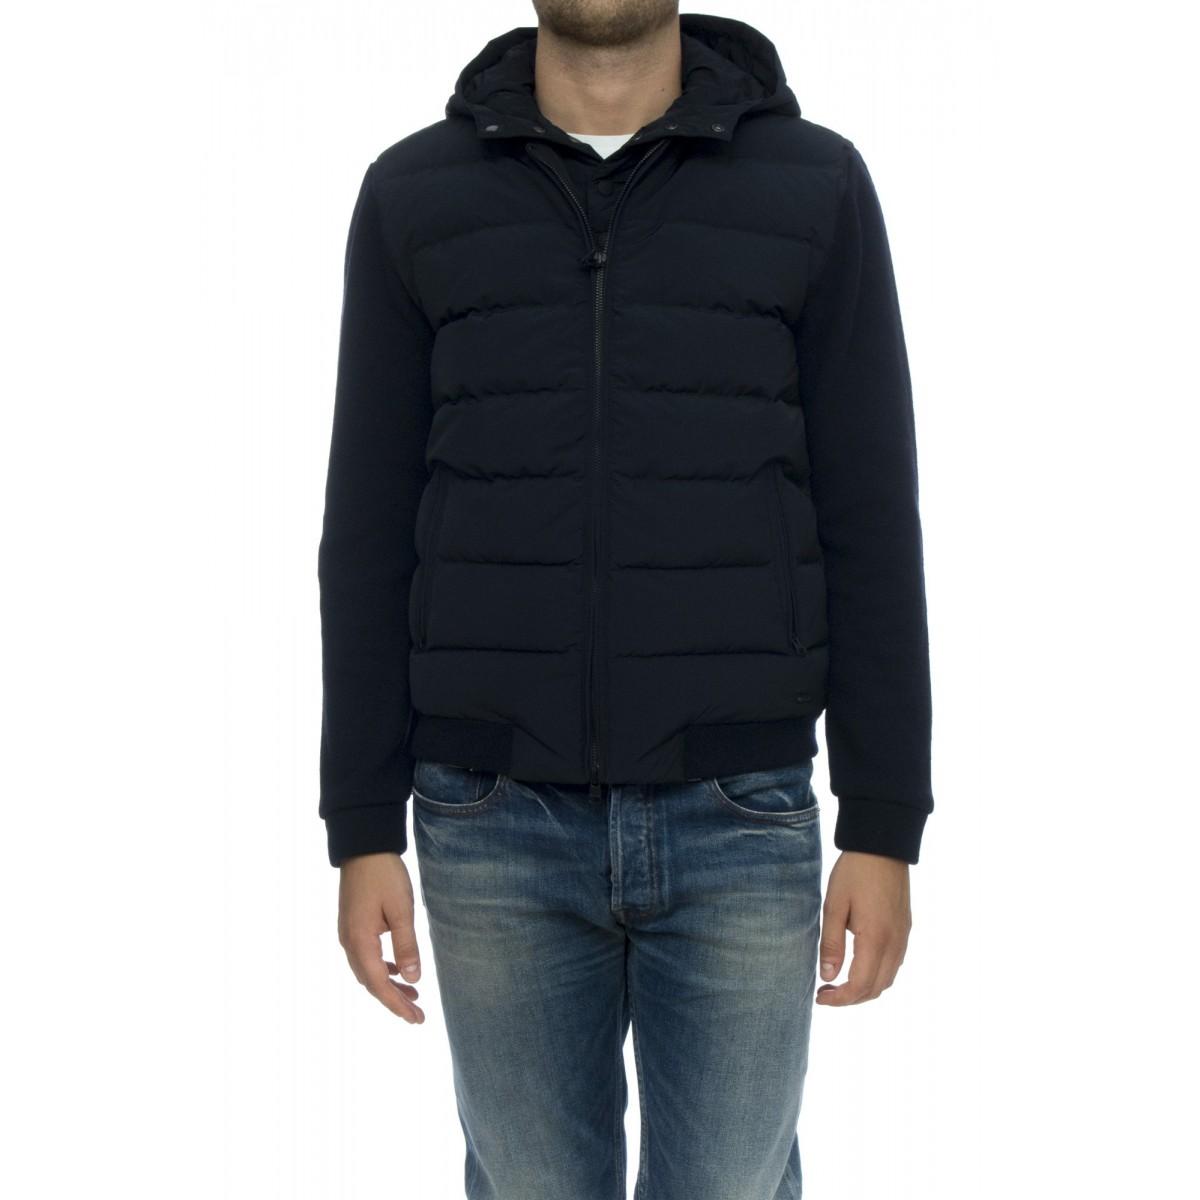 Piumino - Wo tsc0026 wc40 down sweater jkt